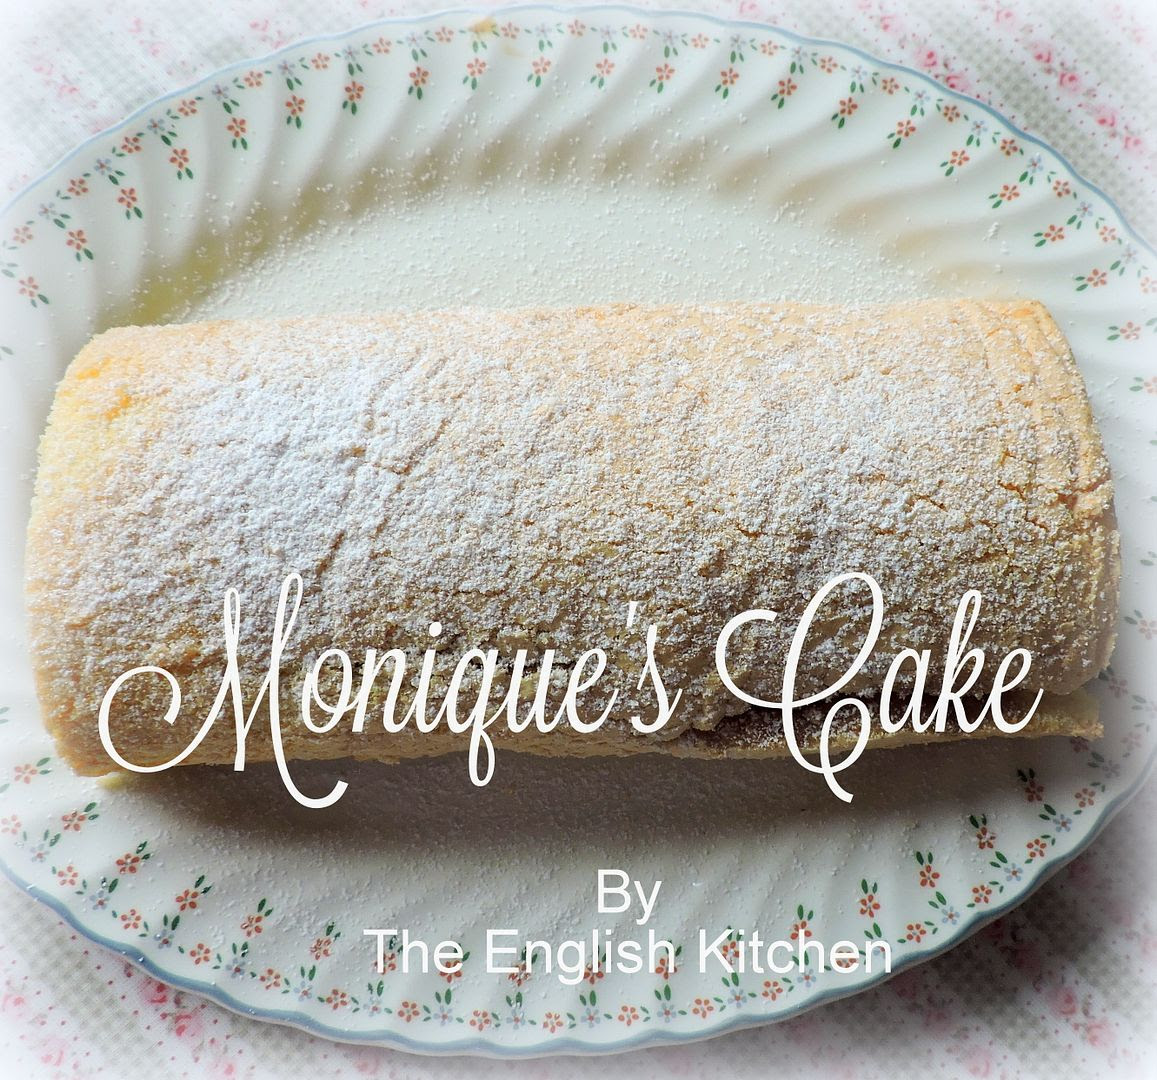 Monique's Cake